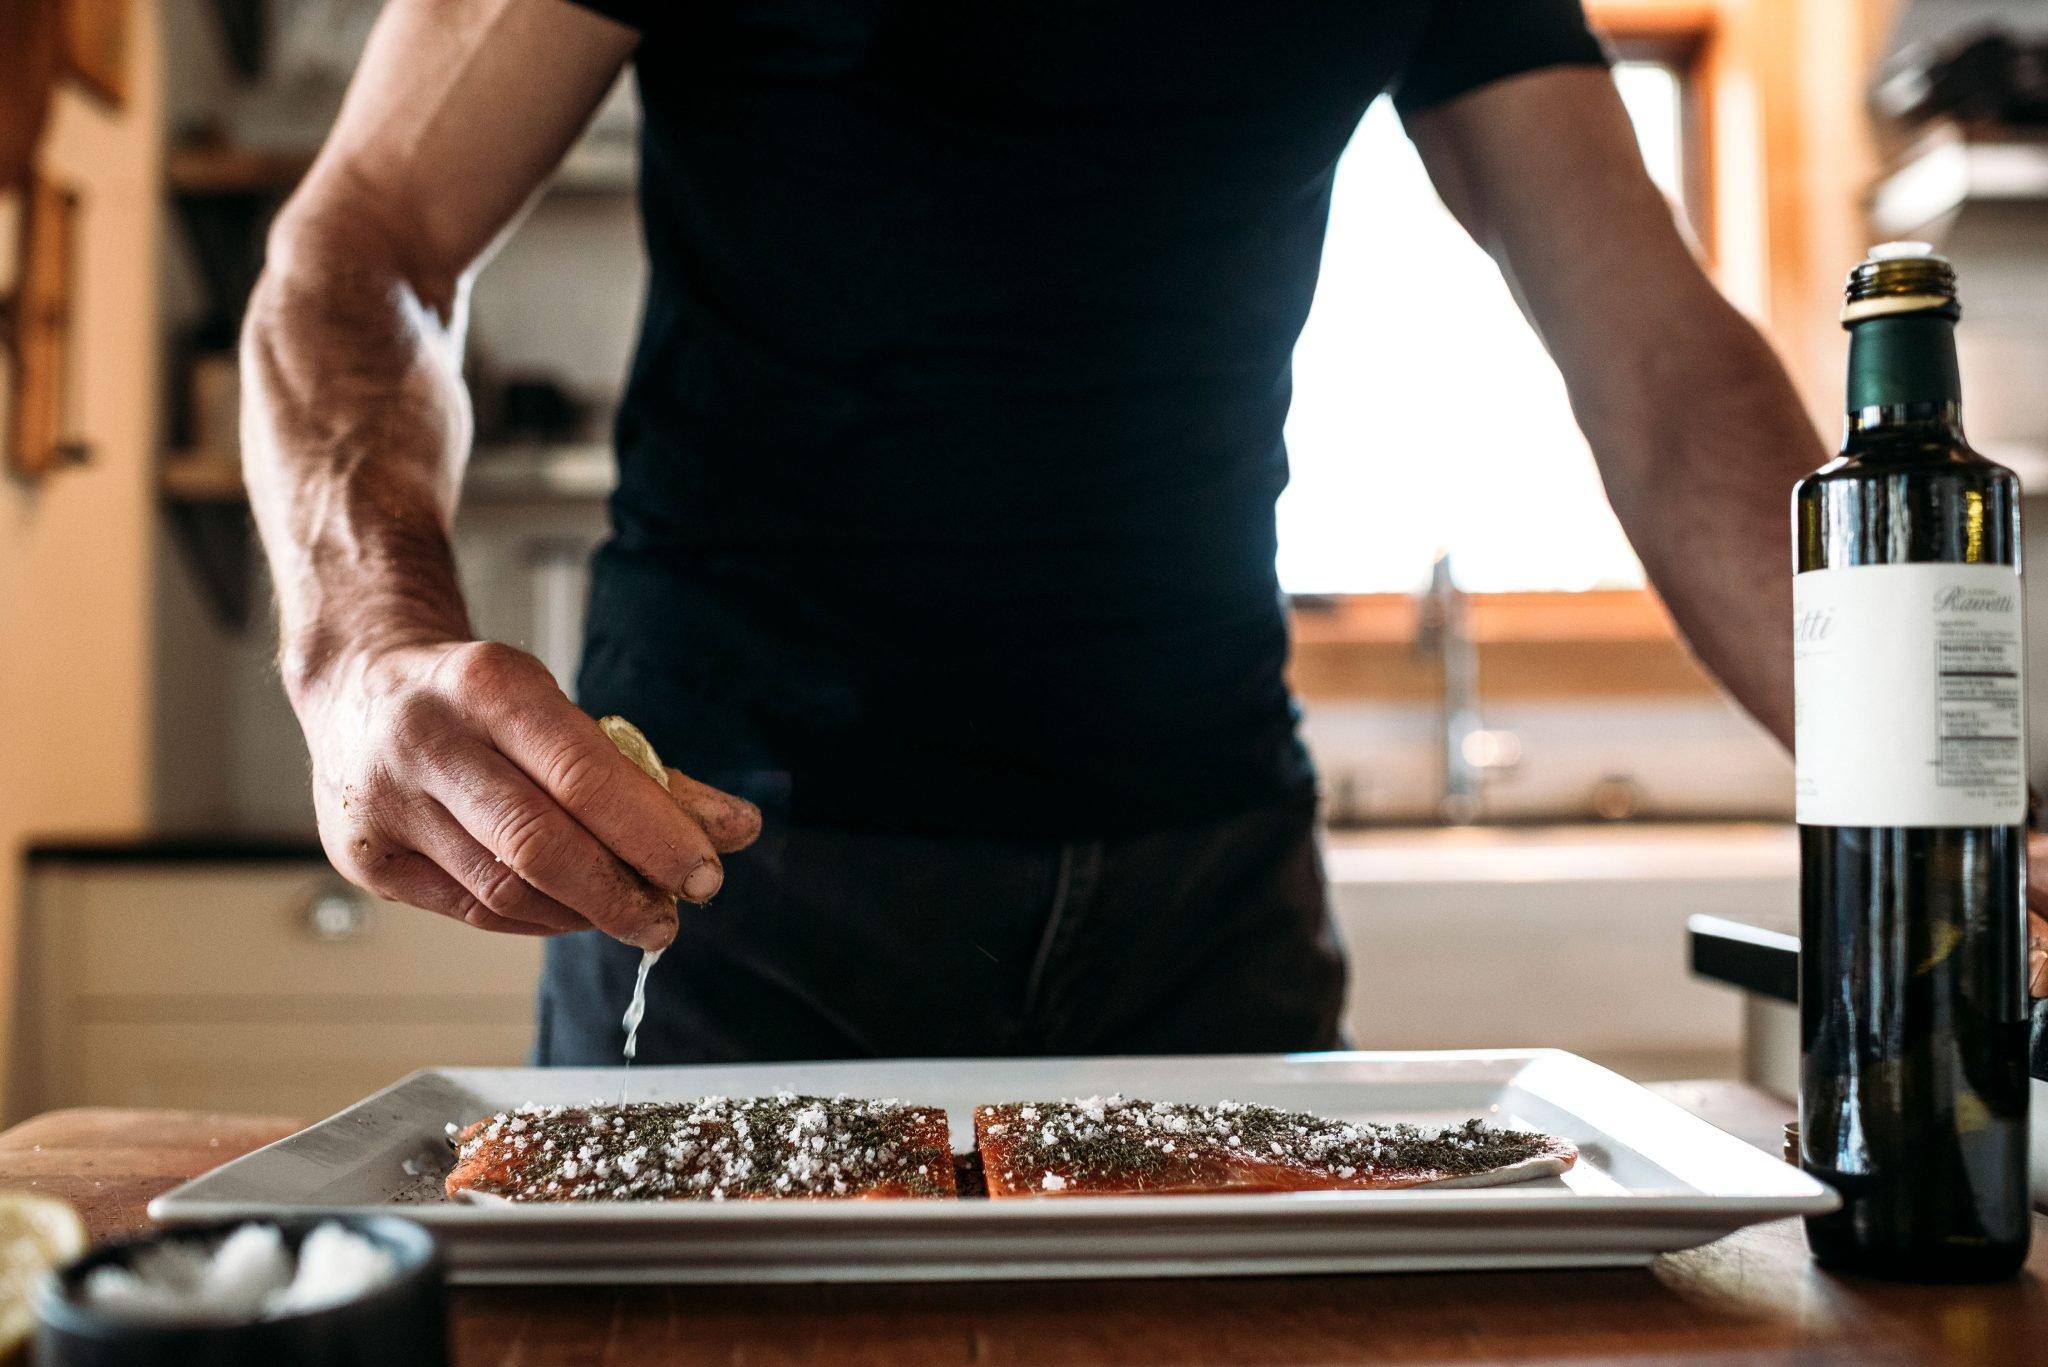 man cooking fish